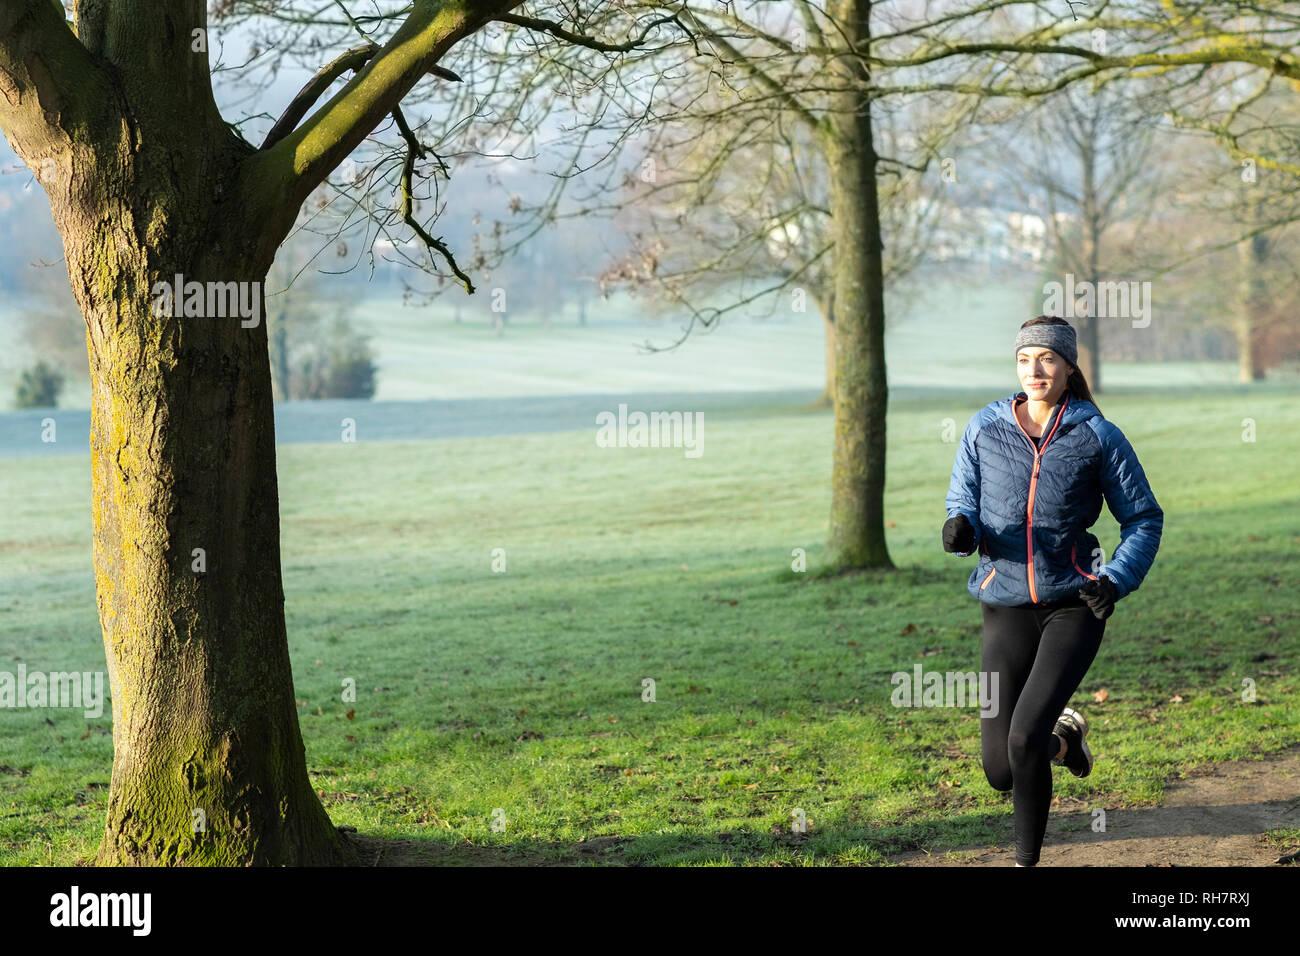 Mujer en invierno a primera hora de la mañana recorren Park mantenerse en forma haciendo ejercicio Foto de stock